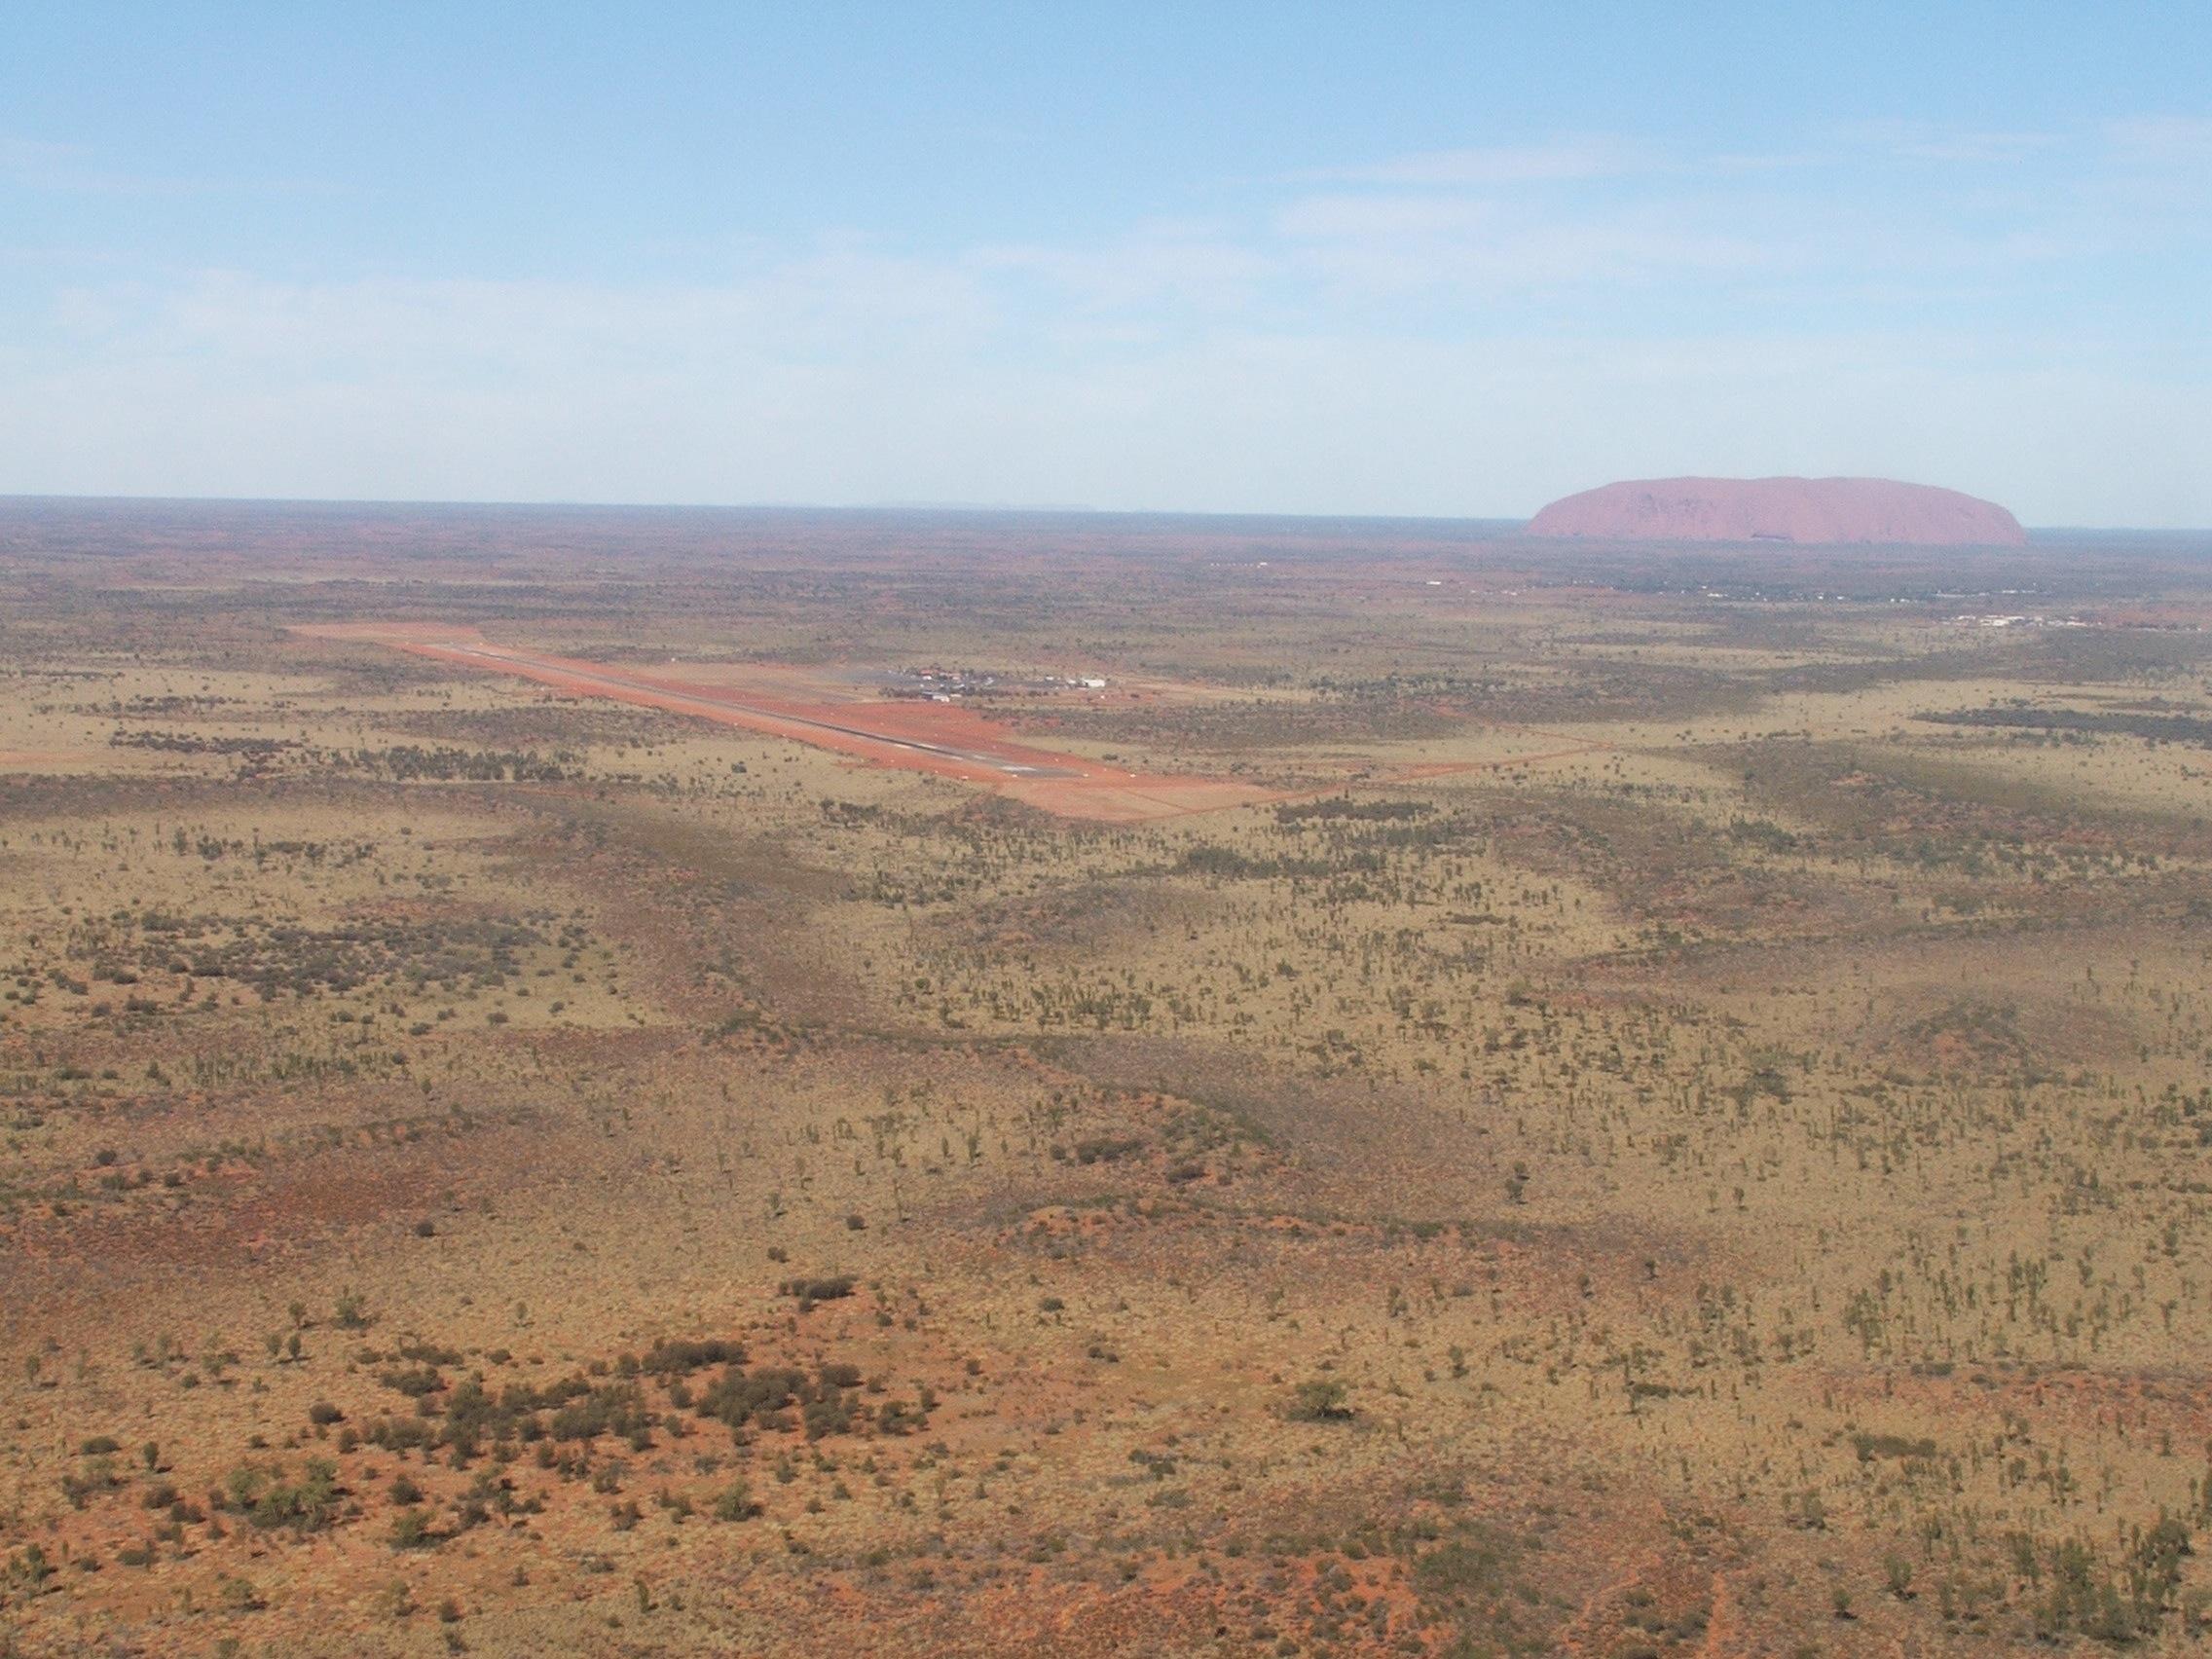 1. Uluru (Ayers Rock)